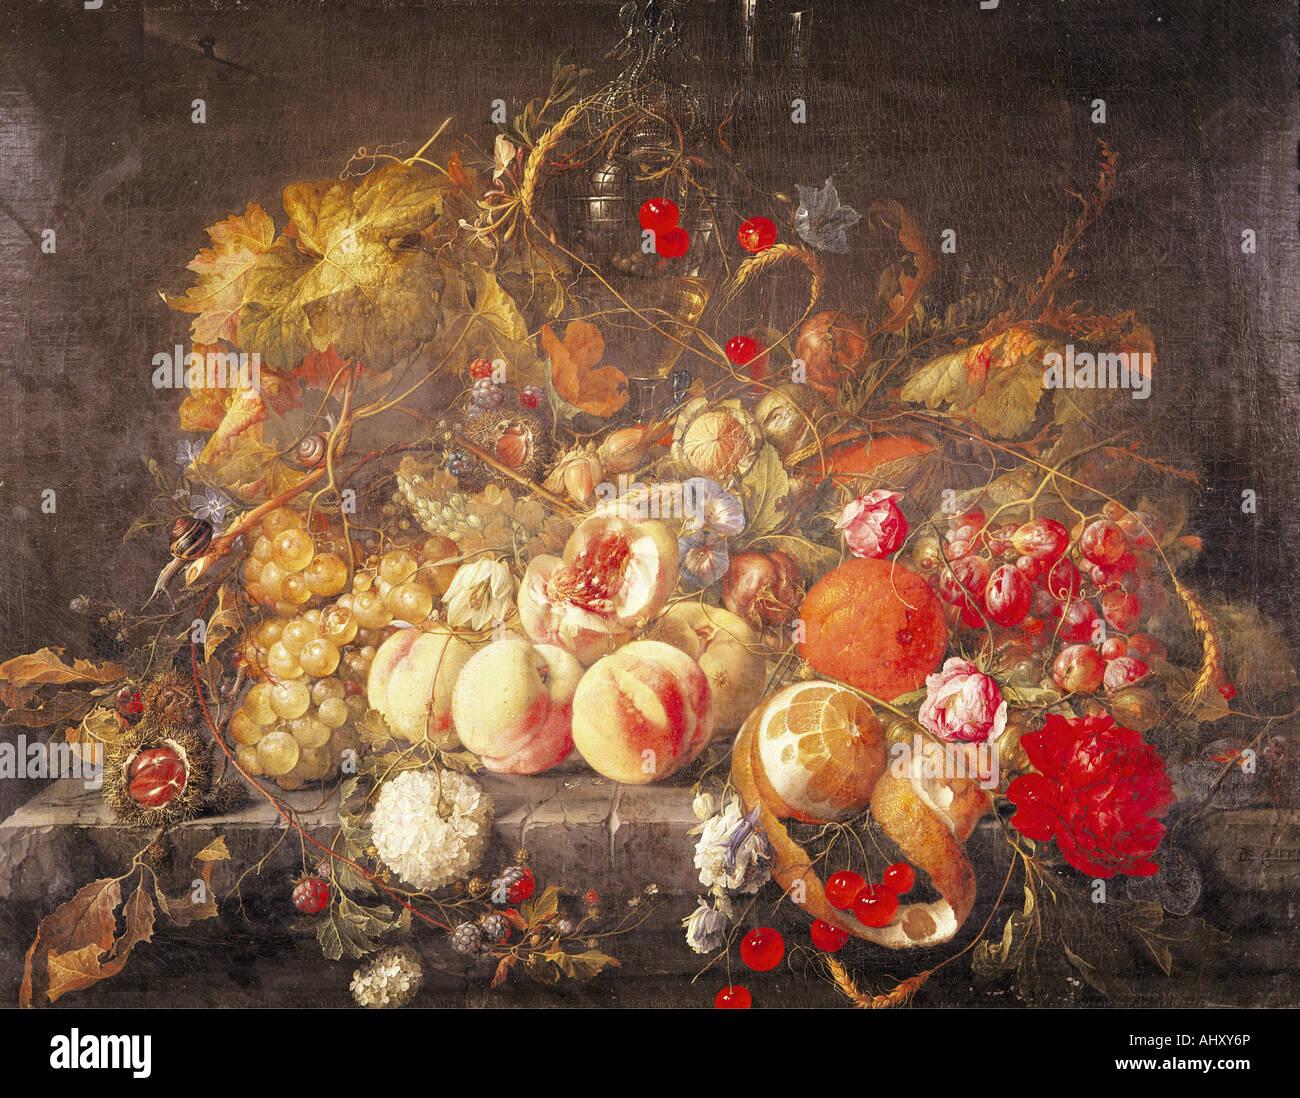 'Fine Arts, Heem, Jan Davidsz de, (1606 - 1684), peinture, 'Still life', huile sur panneau, 55,8 cm x 73,5 cm, Musée Banque D'Images